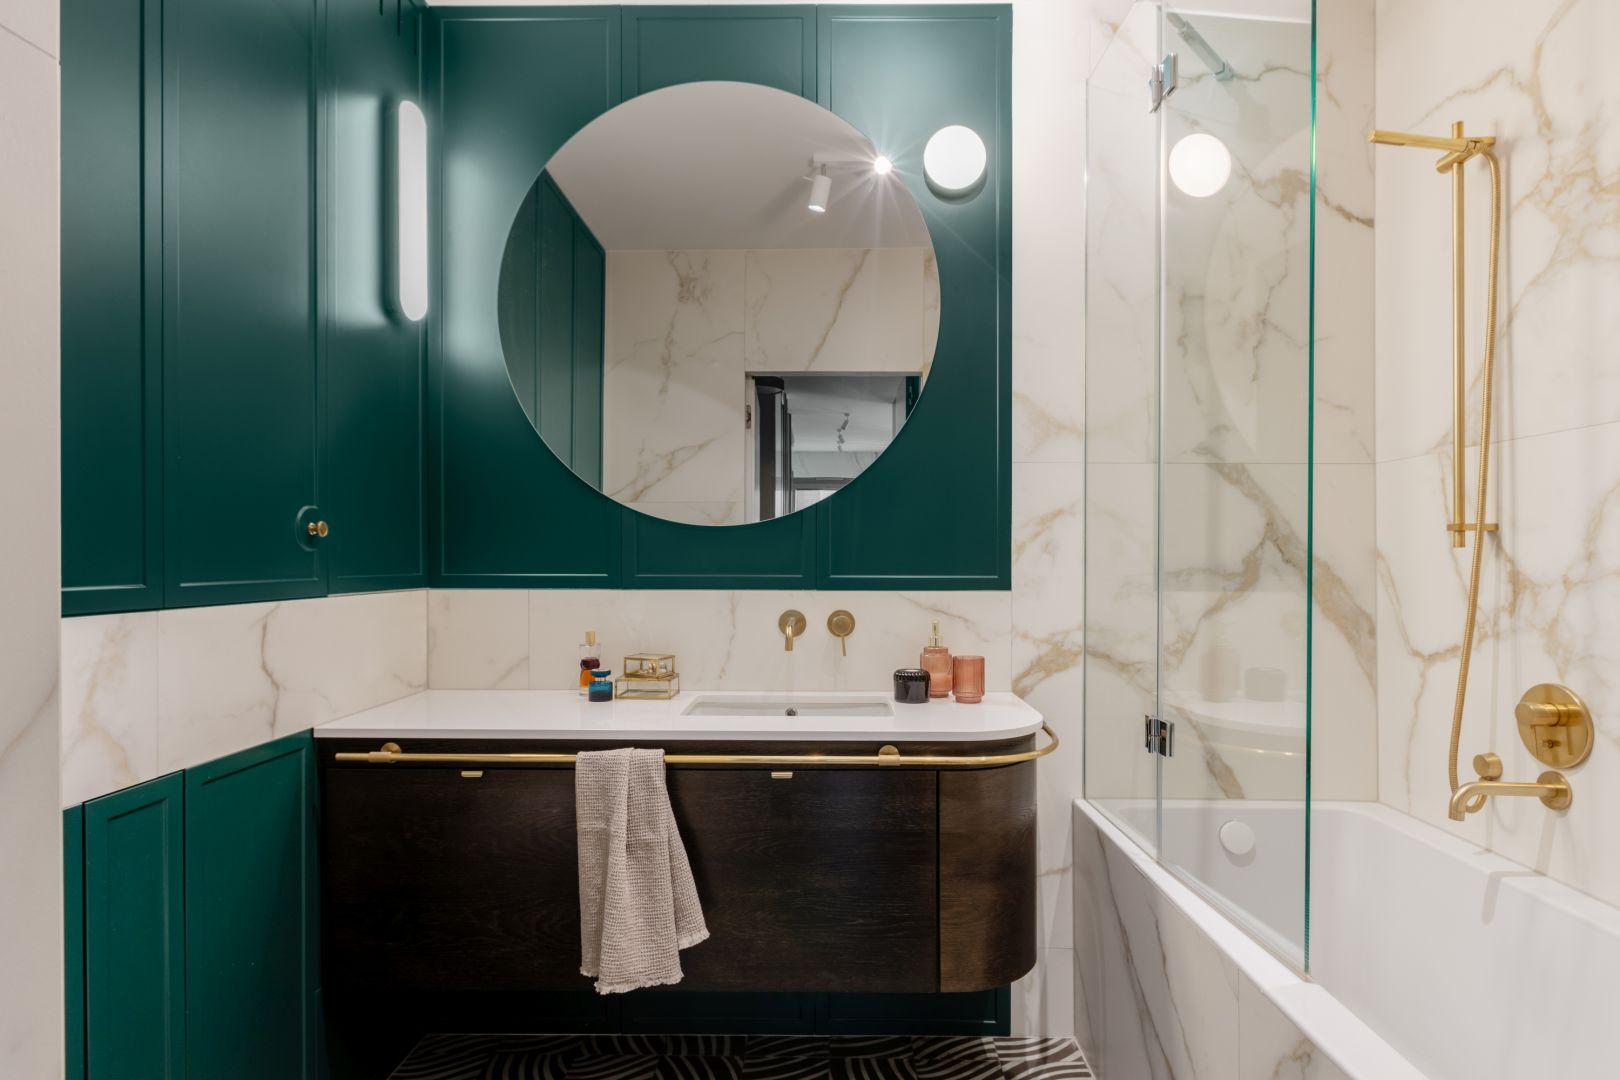 Zarówno minimalistycznie czarna armatura, jak i złota w stylu łaźni retro, całkowicie odmienią wnętrze i stworzą łazienkę jak z Instagrama.Projekt Finchstudio. Stylizacja i fot. Aleksandra Dermont